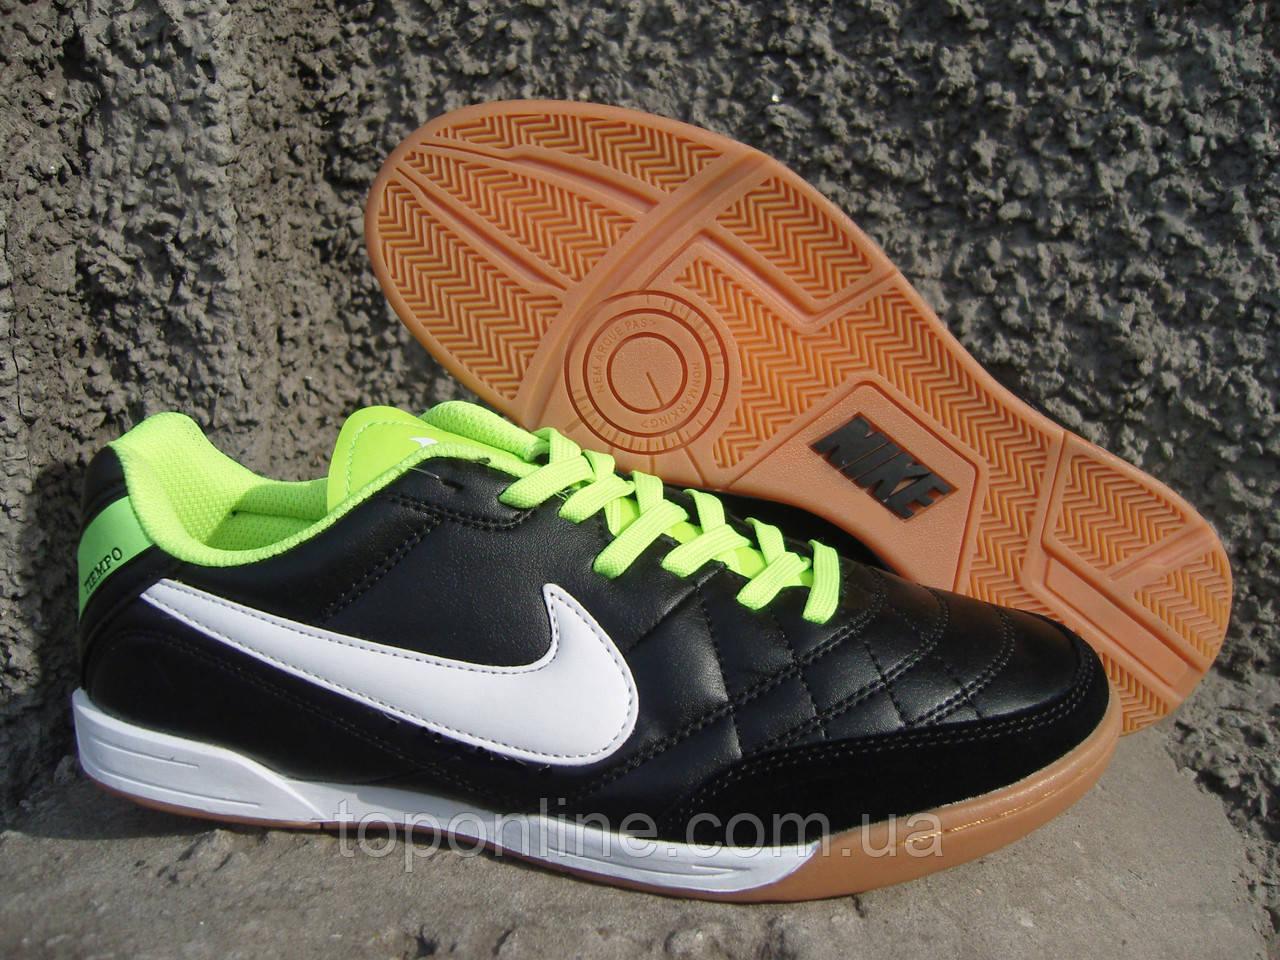 Кроссовки для футбола (футзал) Nike Tiempo Mystic IV IC черно-салатовые 06265d75c87